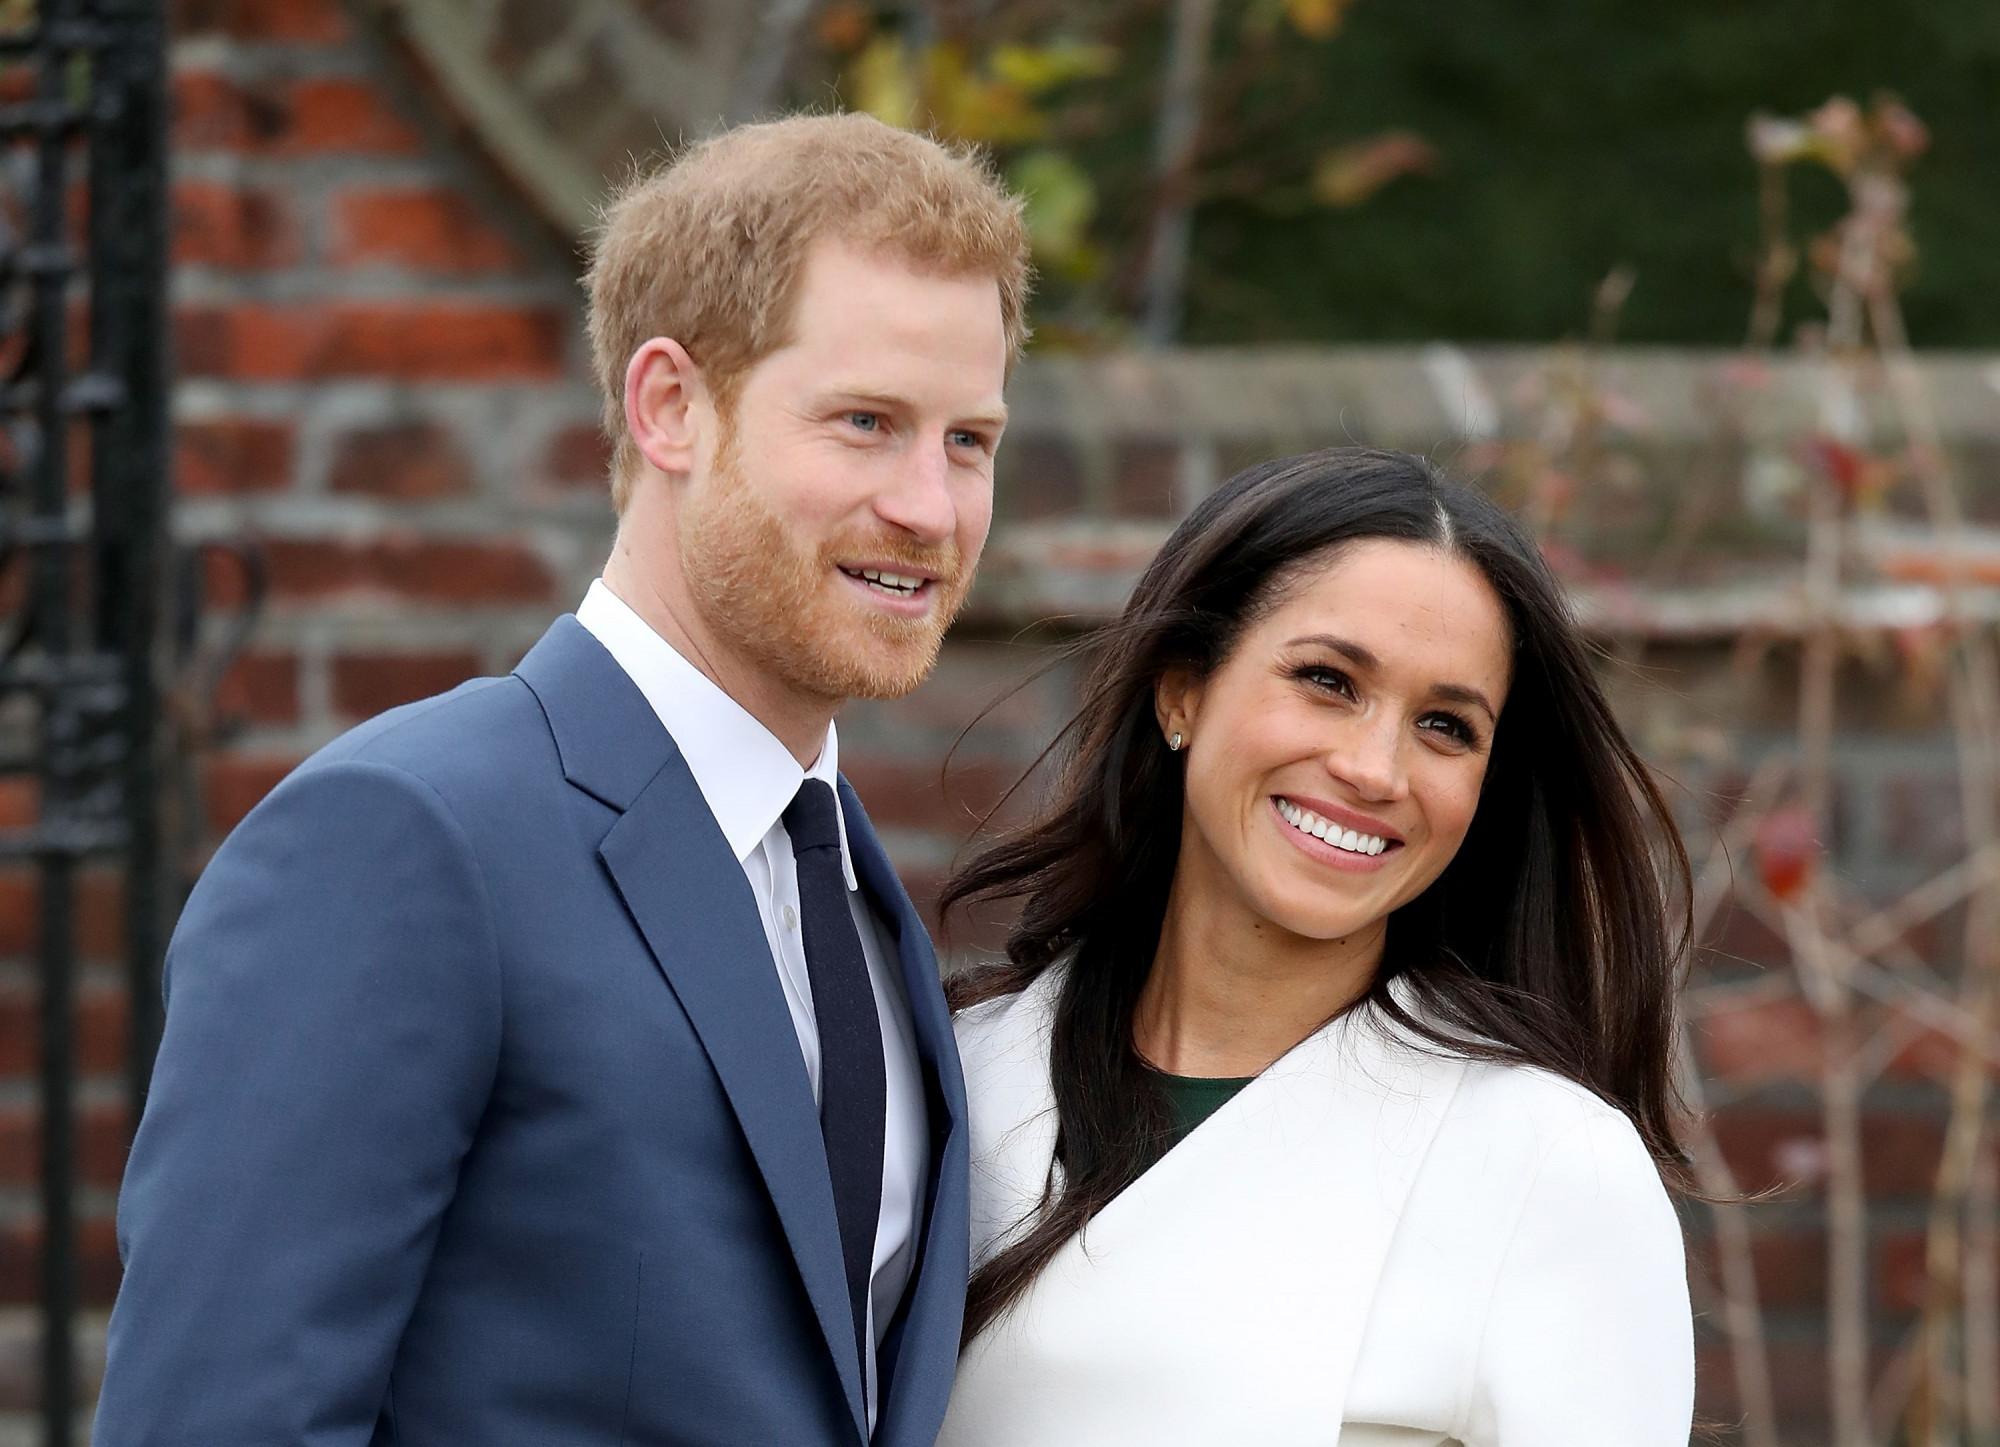 Vợ chồng Hoàng tử Harry được cho phép rời hoàng gia để tiến tới mục tiêu xây dựng gia đình riêng, độc lập tài chính.